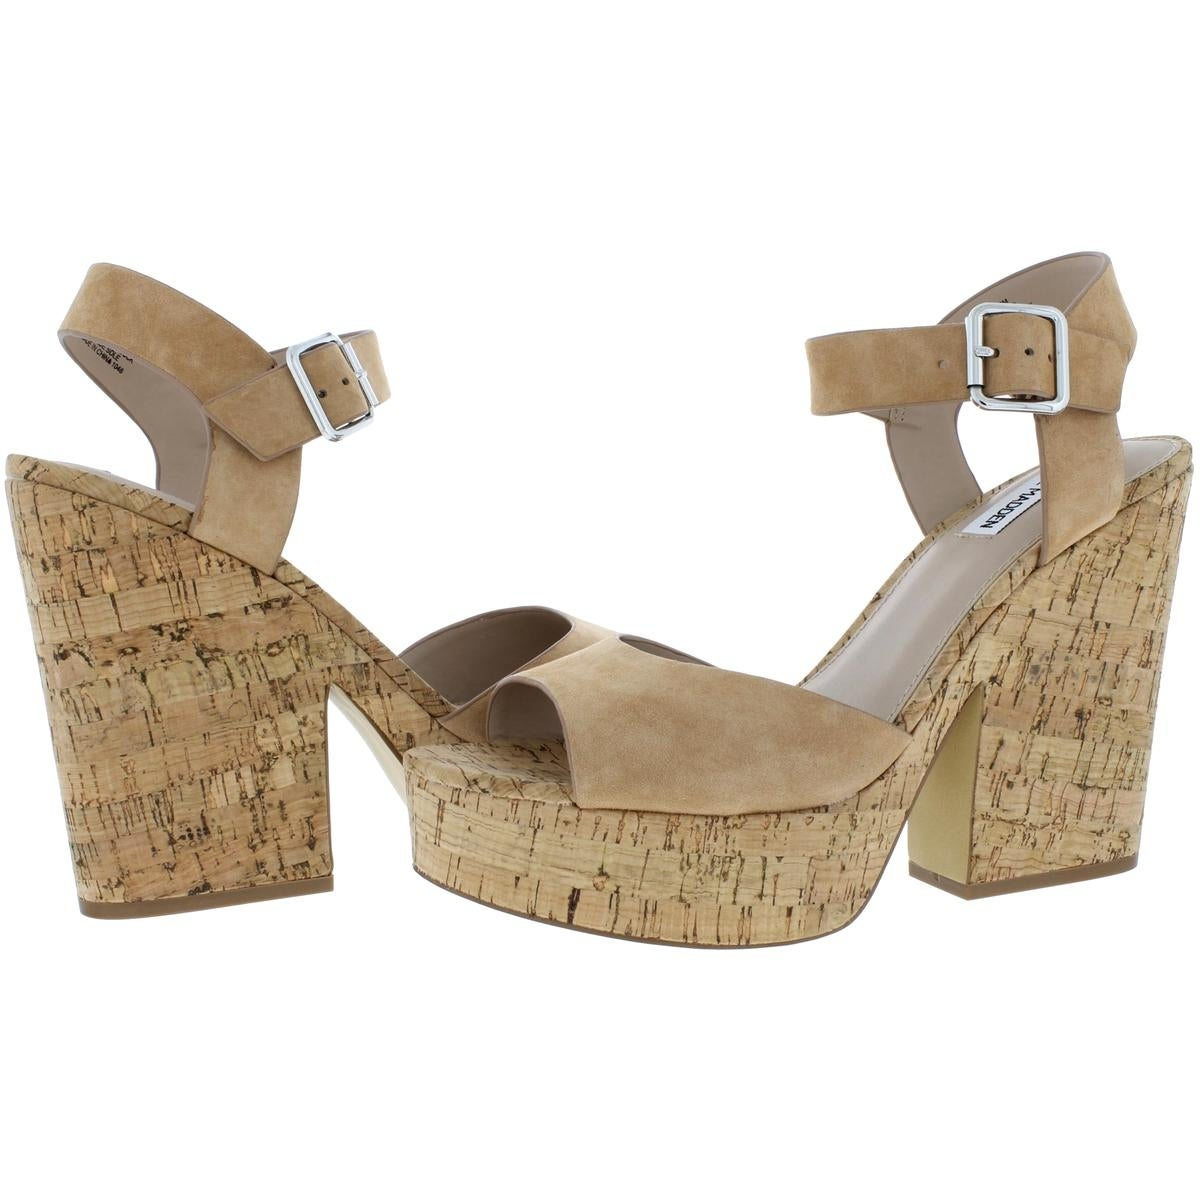 daeaddca964 Steve Madden Womens Leighton Platform Sandals Open Toe Slingback